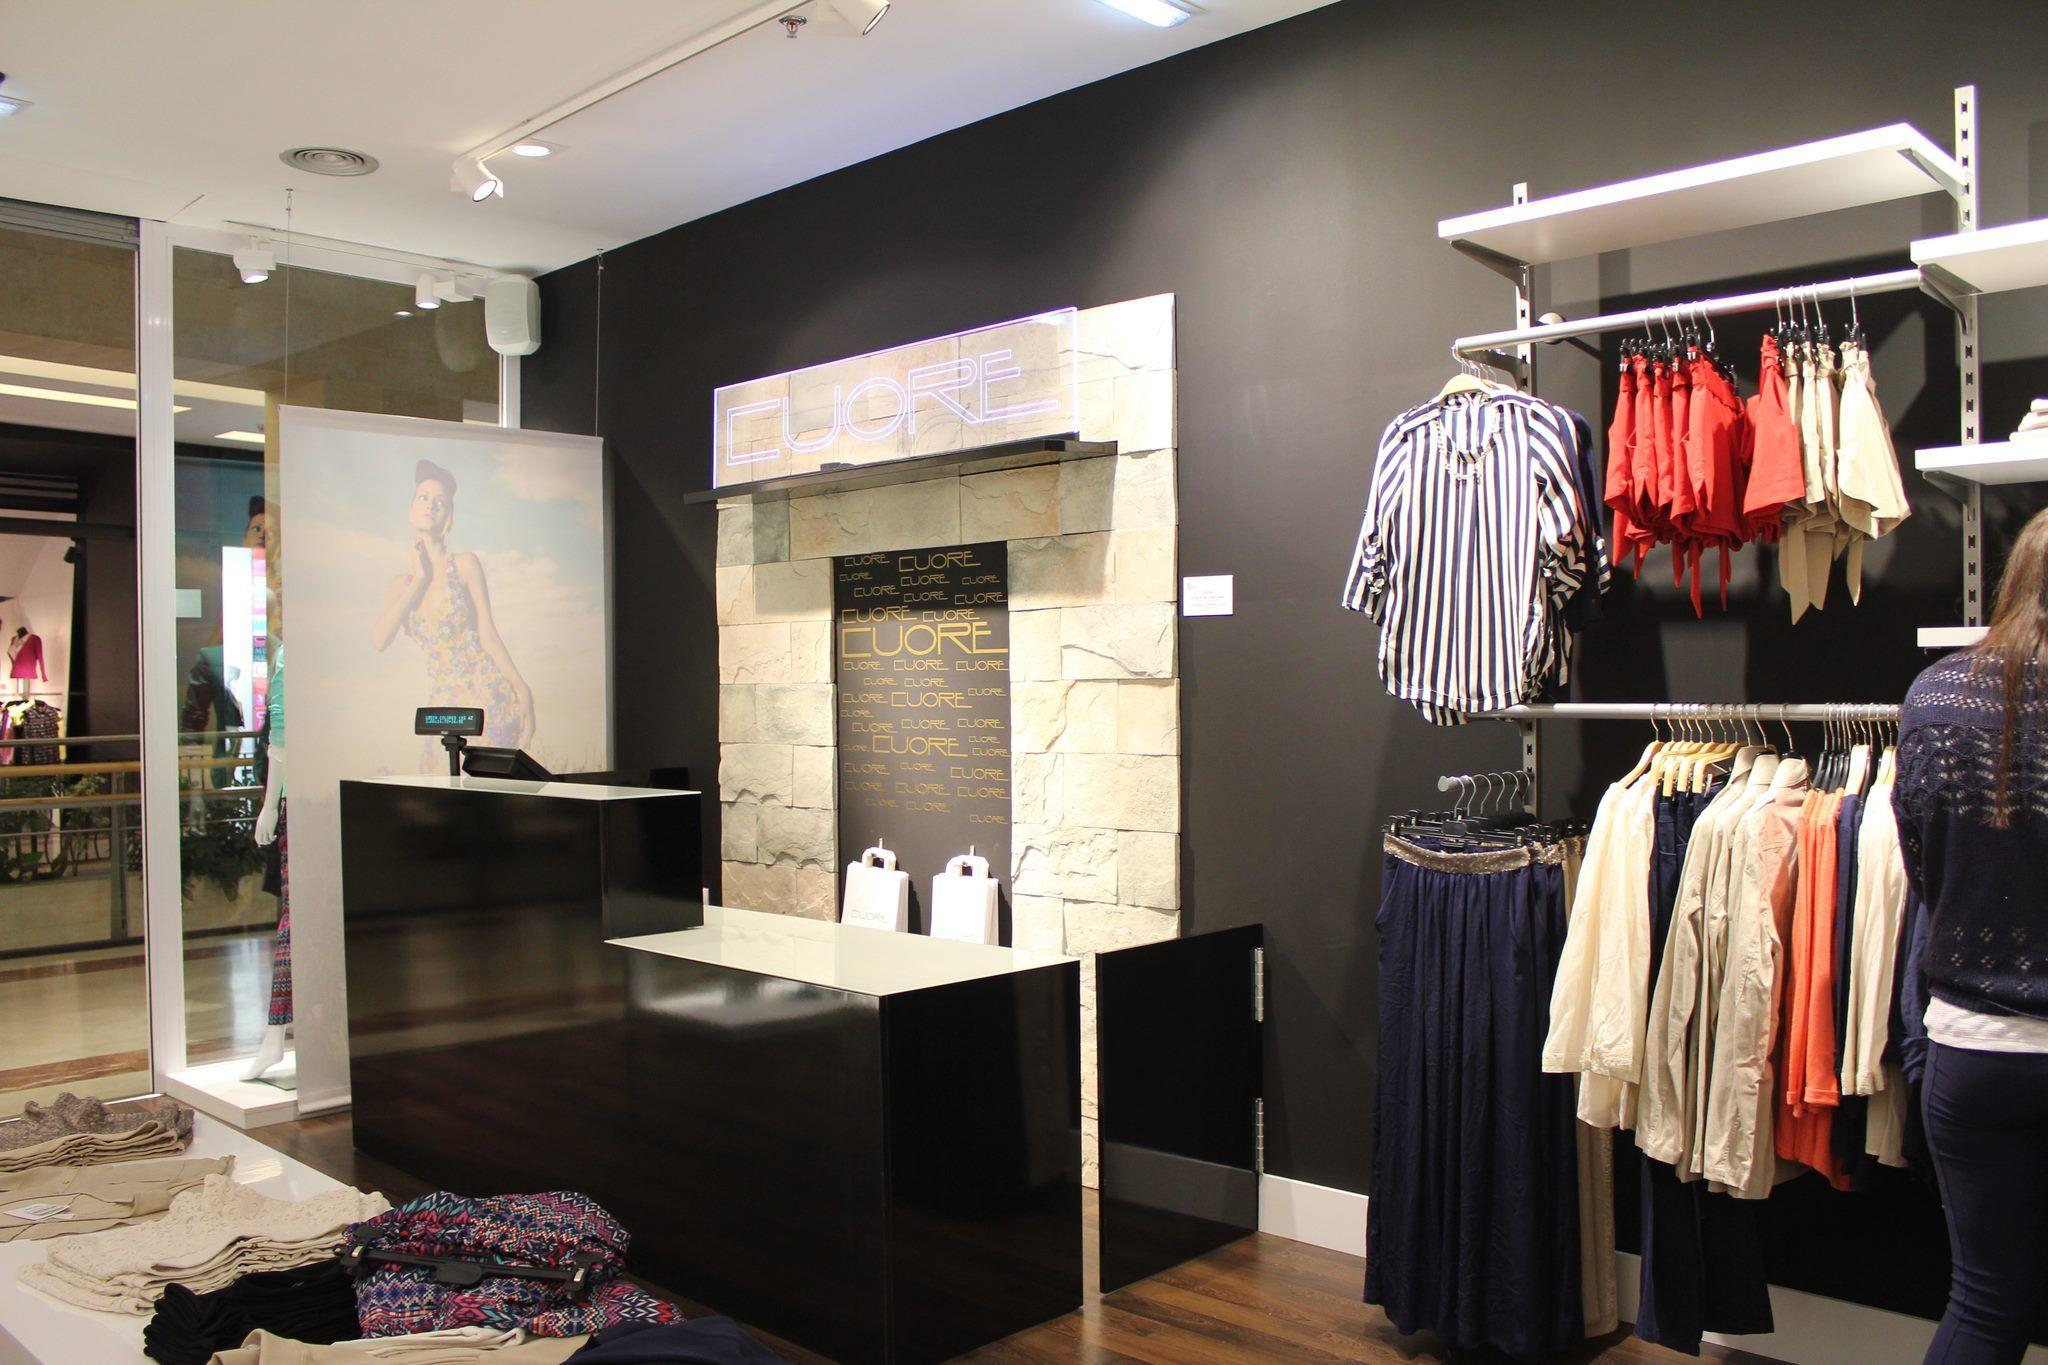 Estilo y dise o con piedra artificial thermostone la for Centro comercial el mueble catalogo